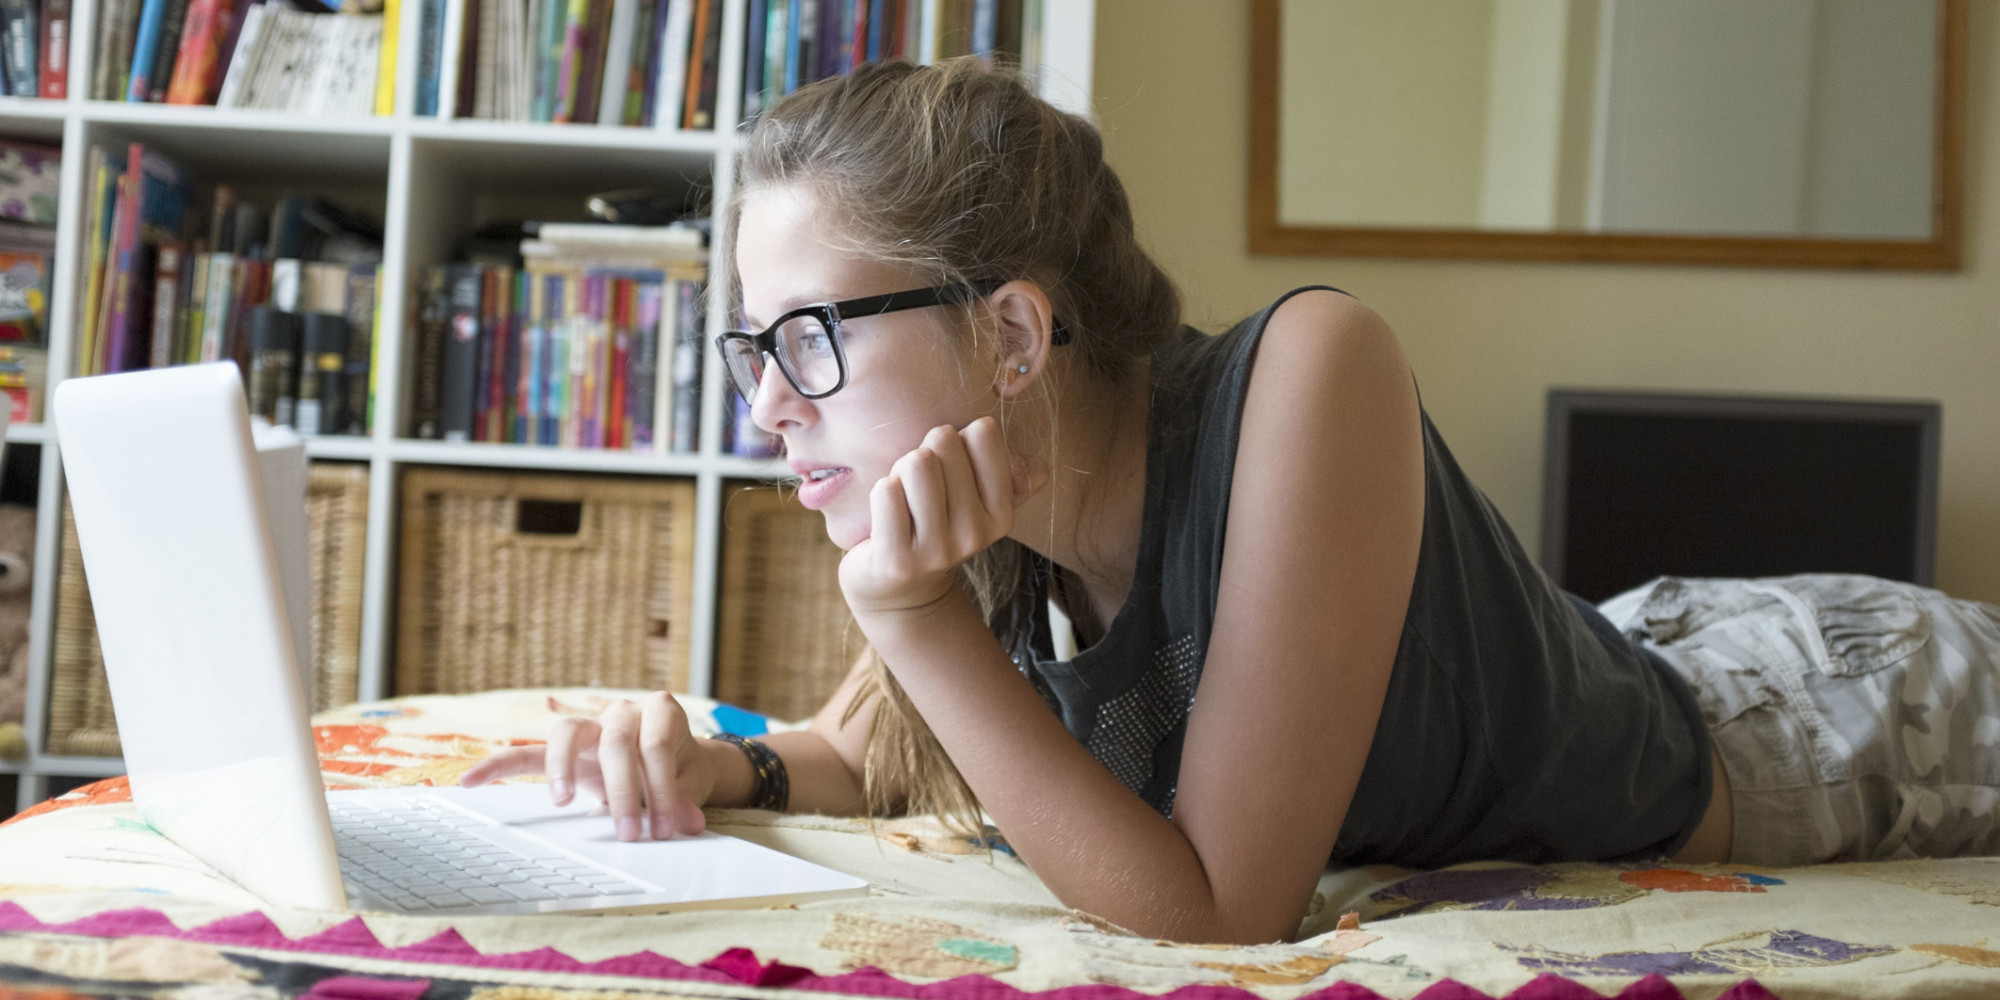 Learn and have fun: 8 познавательных сайтов для детей и подростков на английском языке